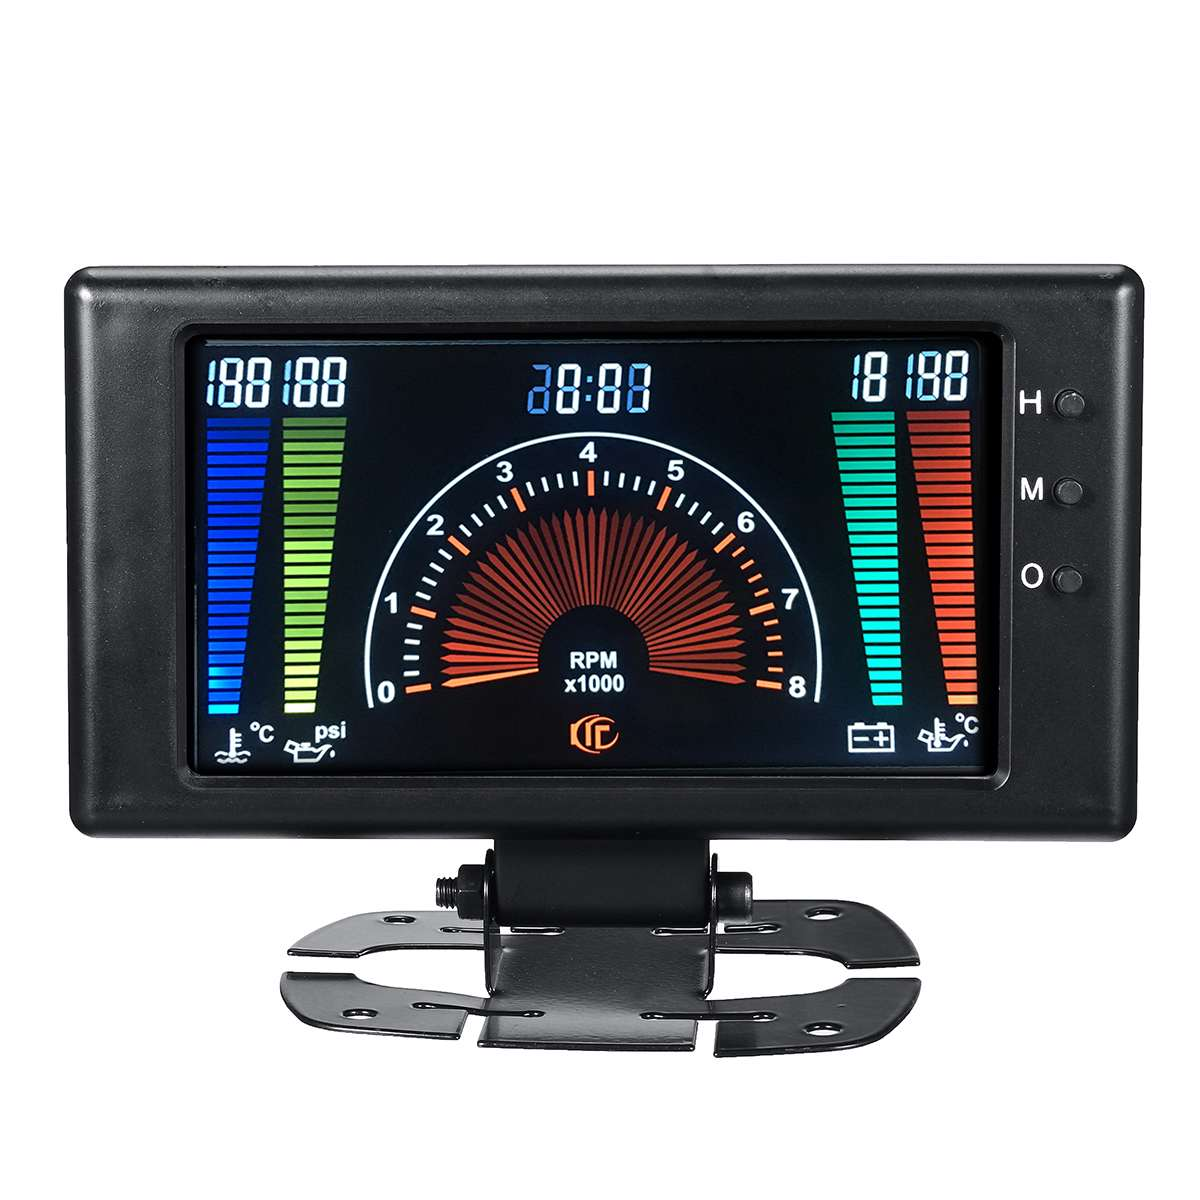 Nouveau compteur de voiture 8-18V 6 en 1 LCD voiture jauge numérique pression d'huile tension température de l'eau température de l'huile tachymètre RPM